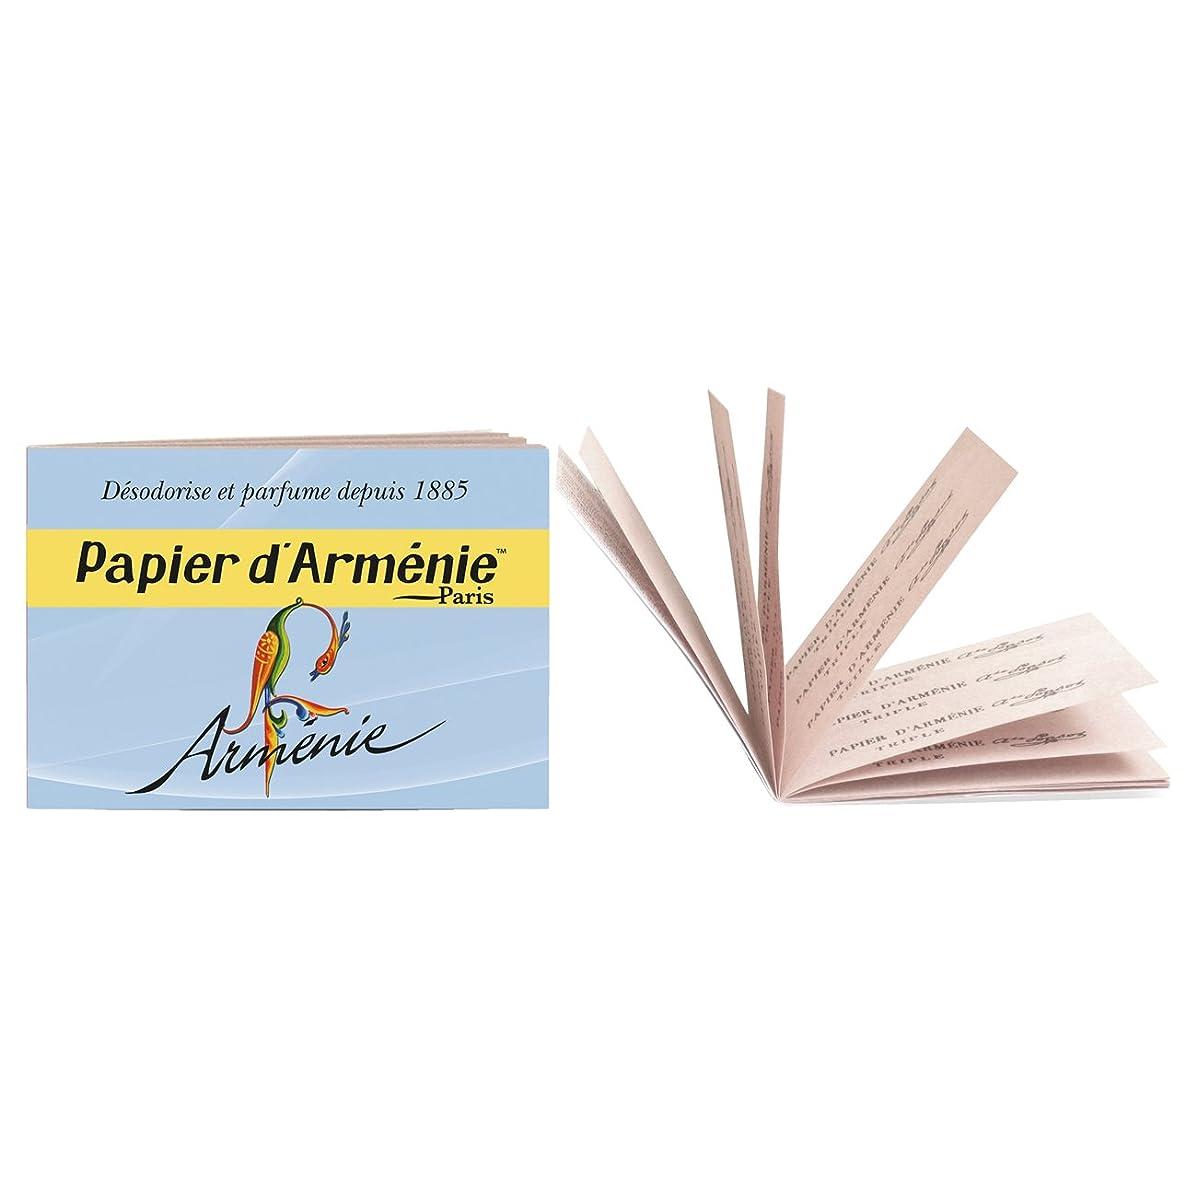 不倫背の高いロードハウスパピエダルメニイ トリプル アルメニイ (紙のお香 3×12枚/36回分)